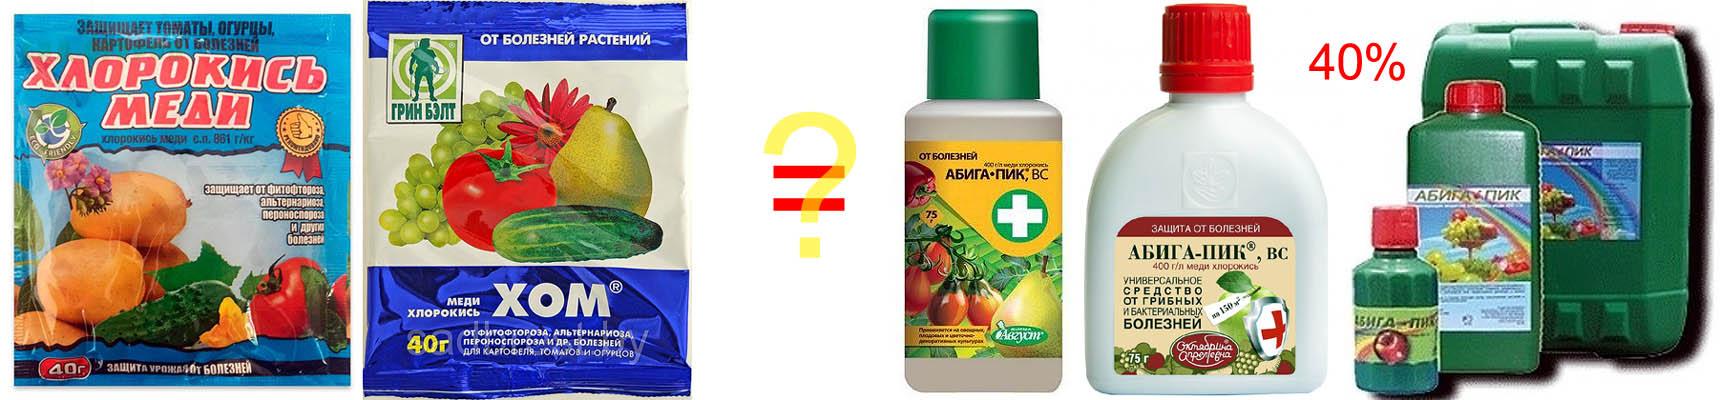 Пестицид Абига Пик и его действующее вещество